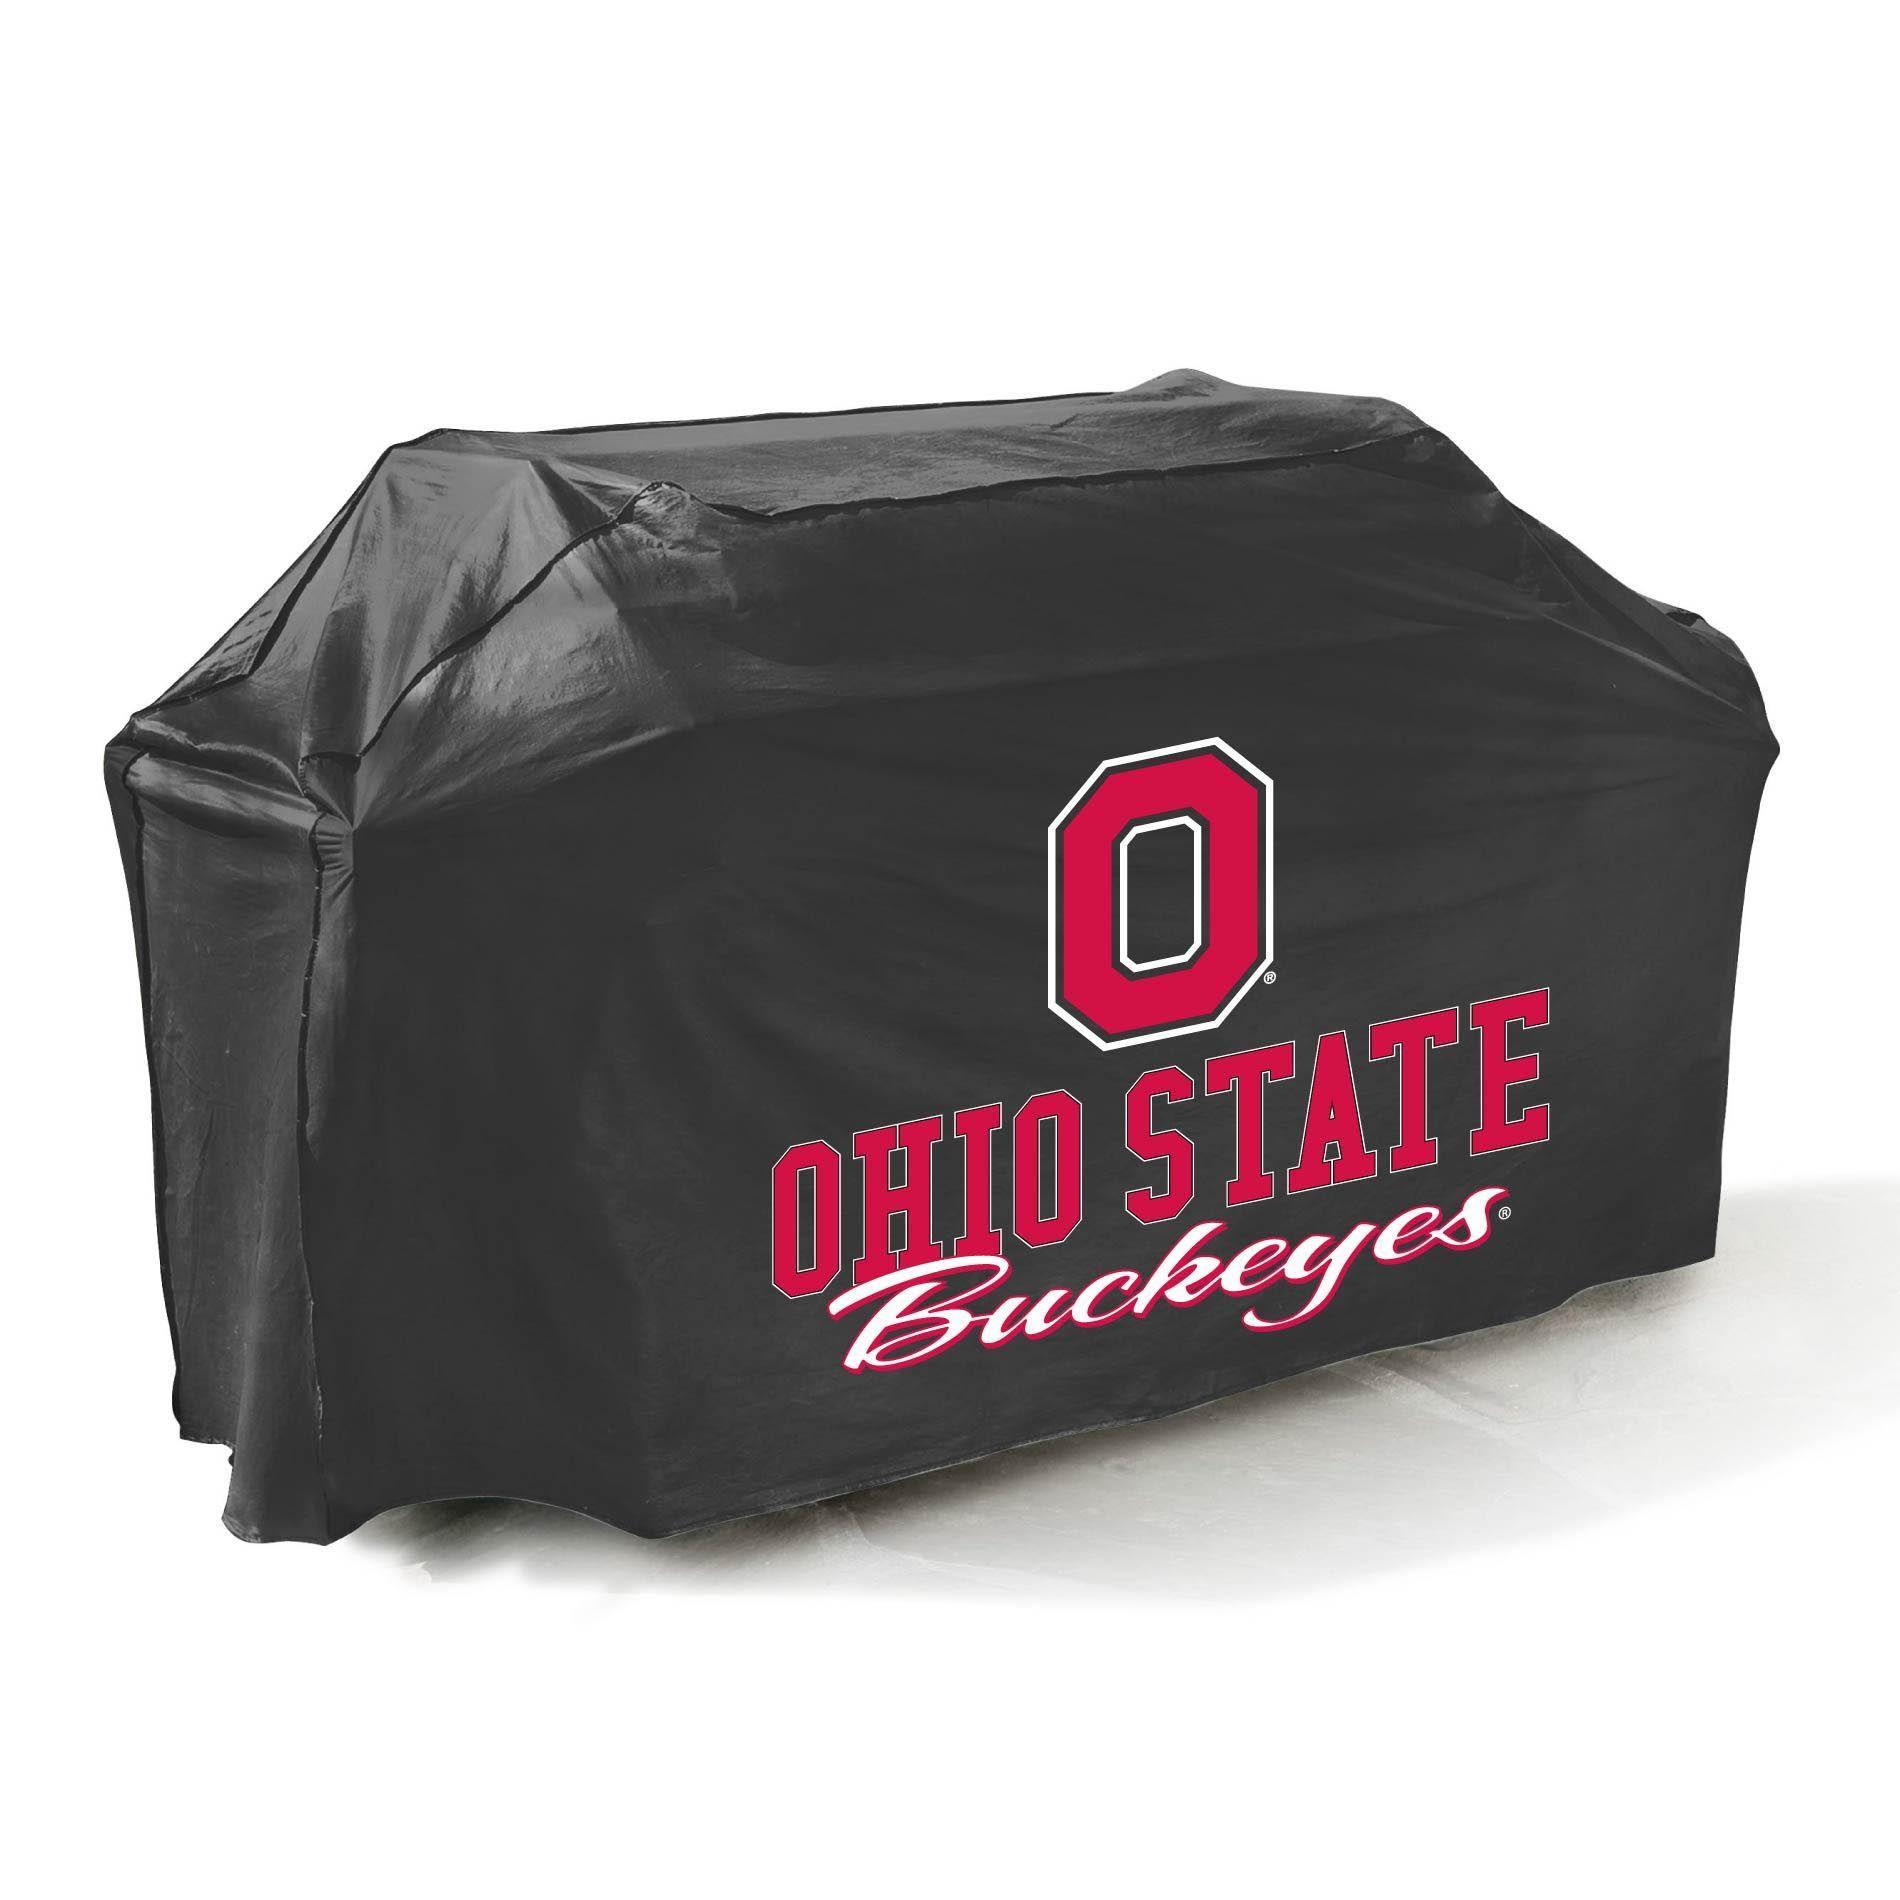 Mr BBQ Ohio State Buckeyes 65 inch Gas Grill Cover by Mr Bar B Q